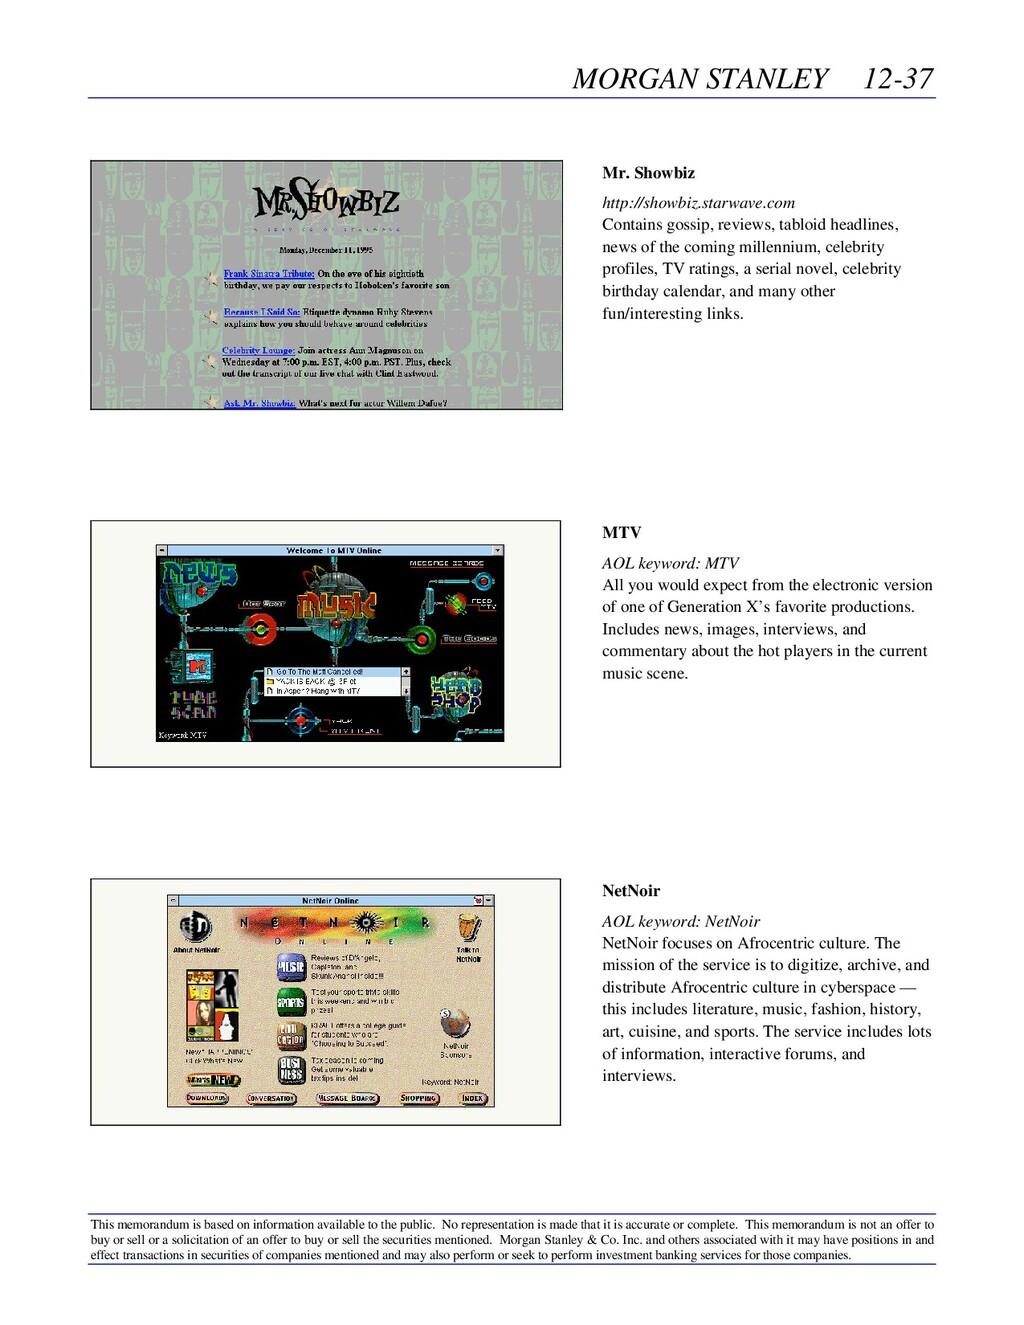 MORGAN STANLEY 12-37 This memorandum is based o...